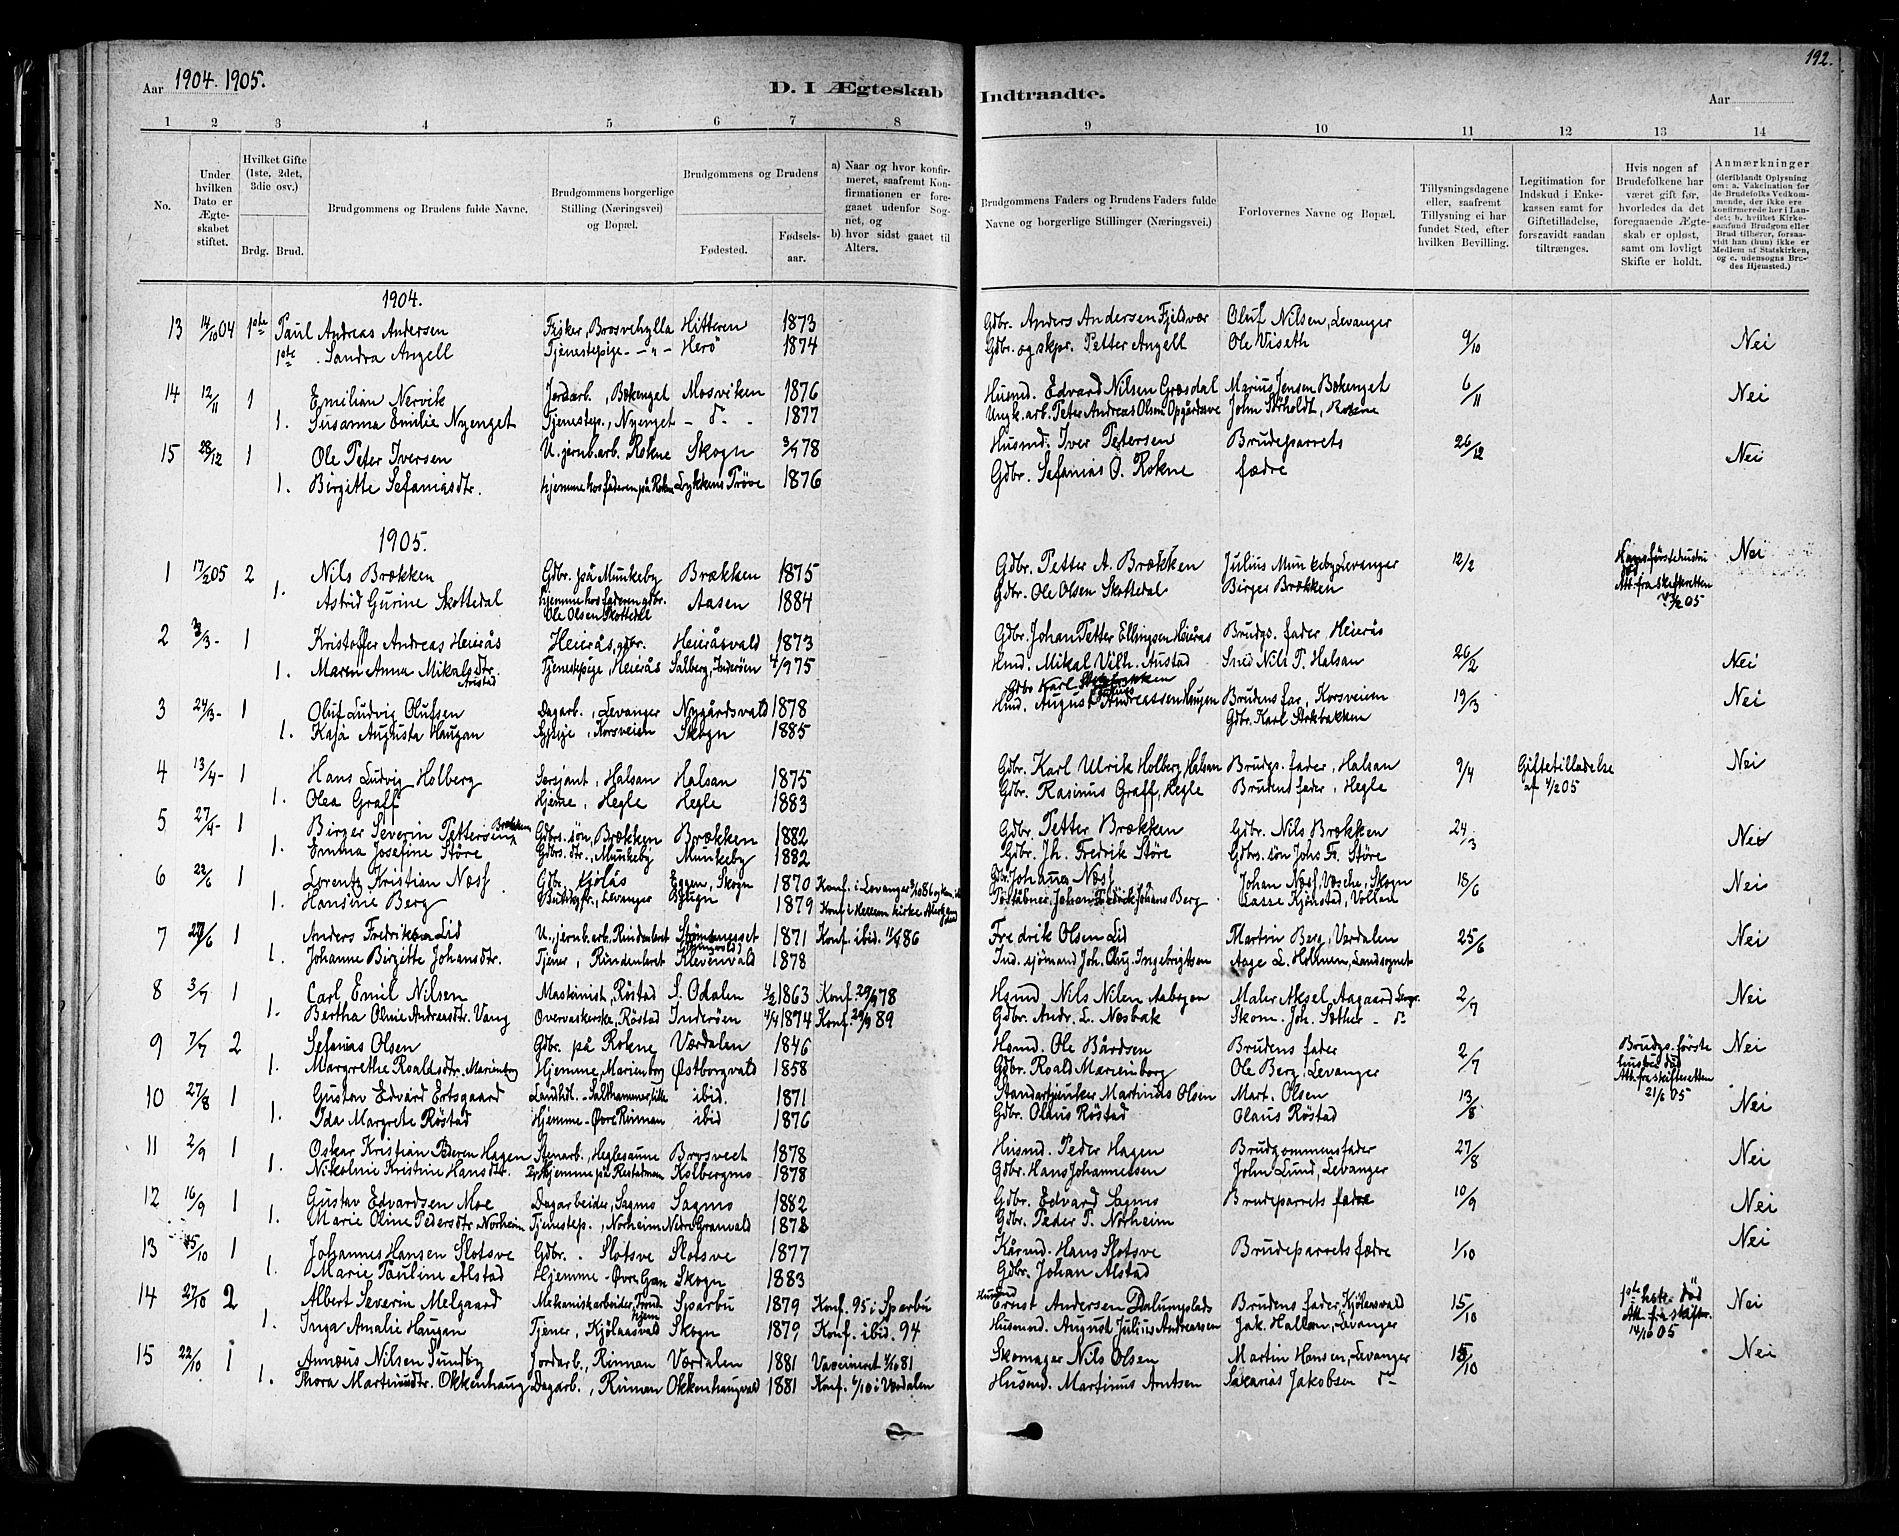 SAT, Ministerialprotokoller, klokkerbøker og fødselsregistre - Nord-Trøndelag, 721/L0208: Klokkerbok nr. 721C01, 1880-1917, s. 192